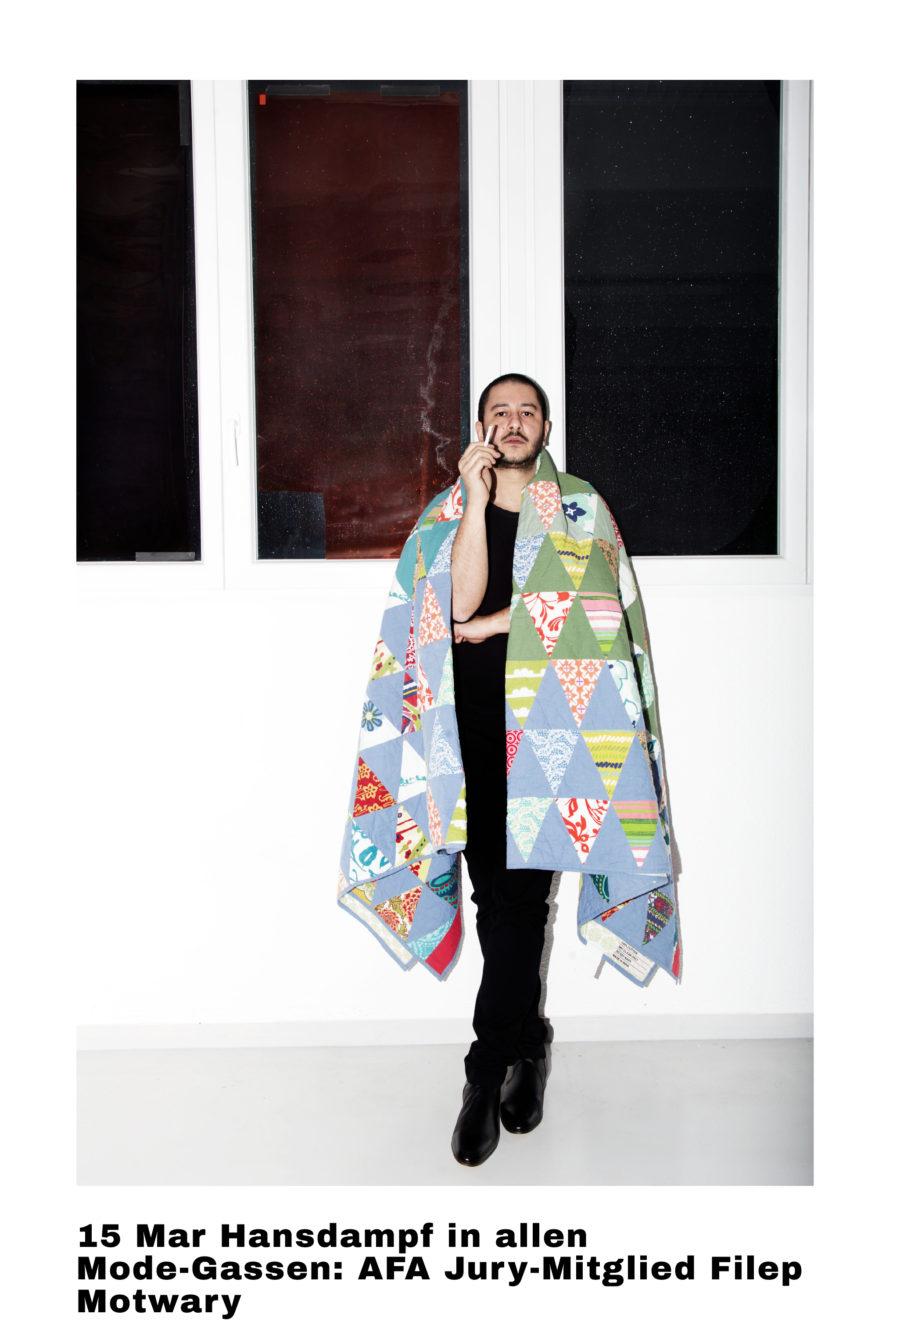 Hansdampf in allen Mode-Gassen: AFA Jury-Mitglied Filep Motwary